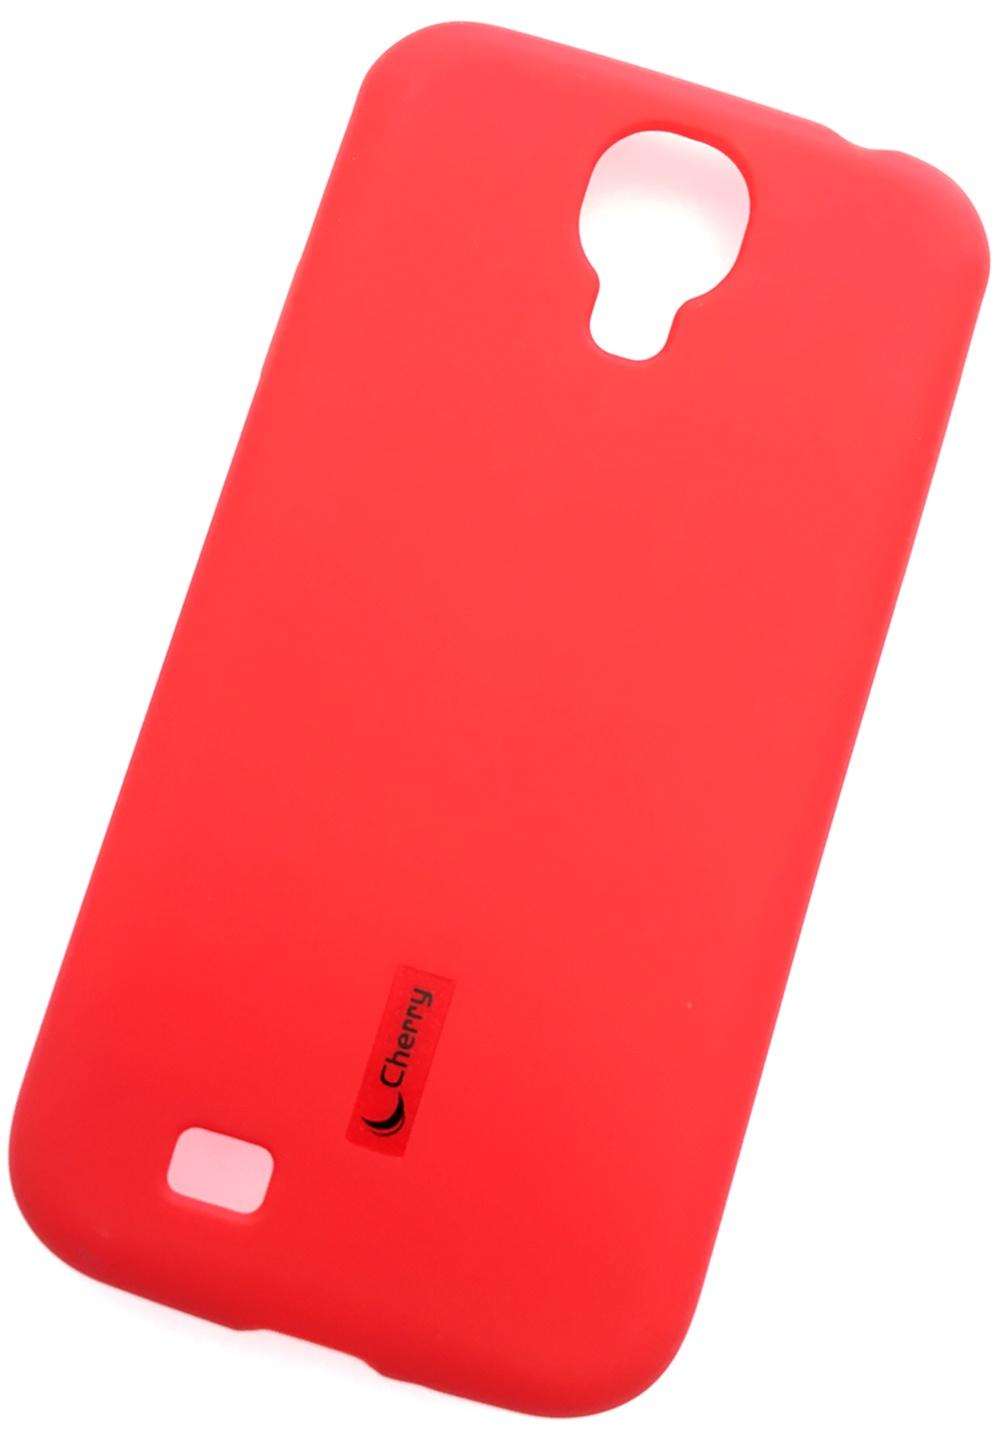 Чехол для сотового телефона Cherry Samsung S4 Накладка резиновая с пленкой на экран, красный